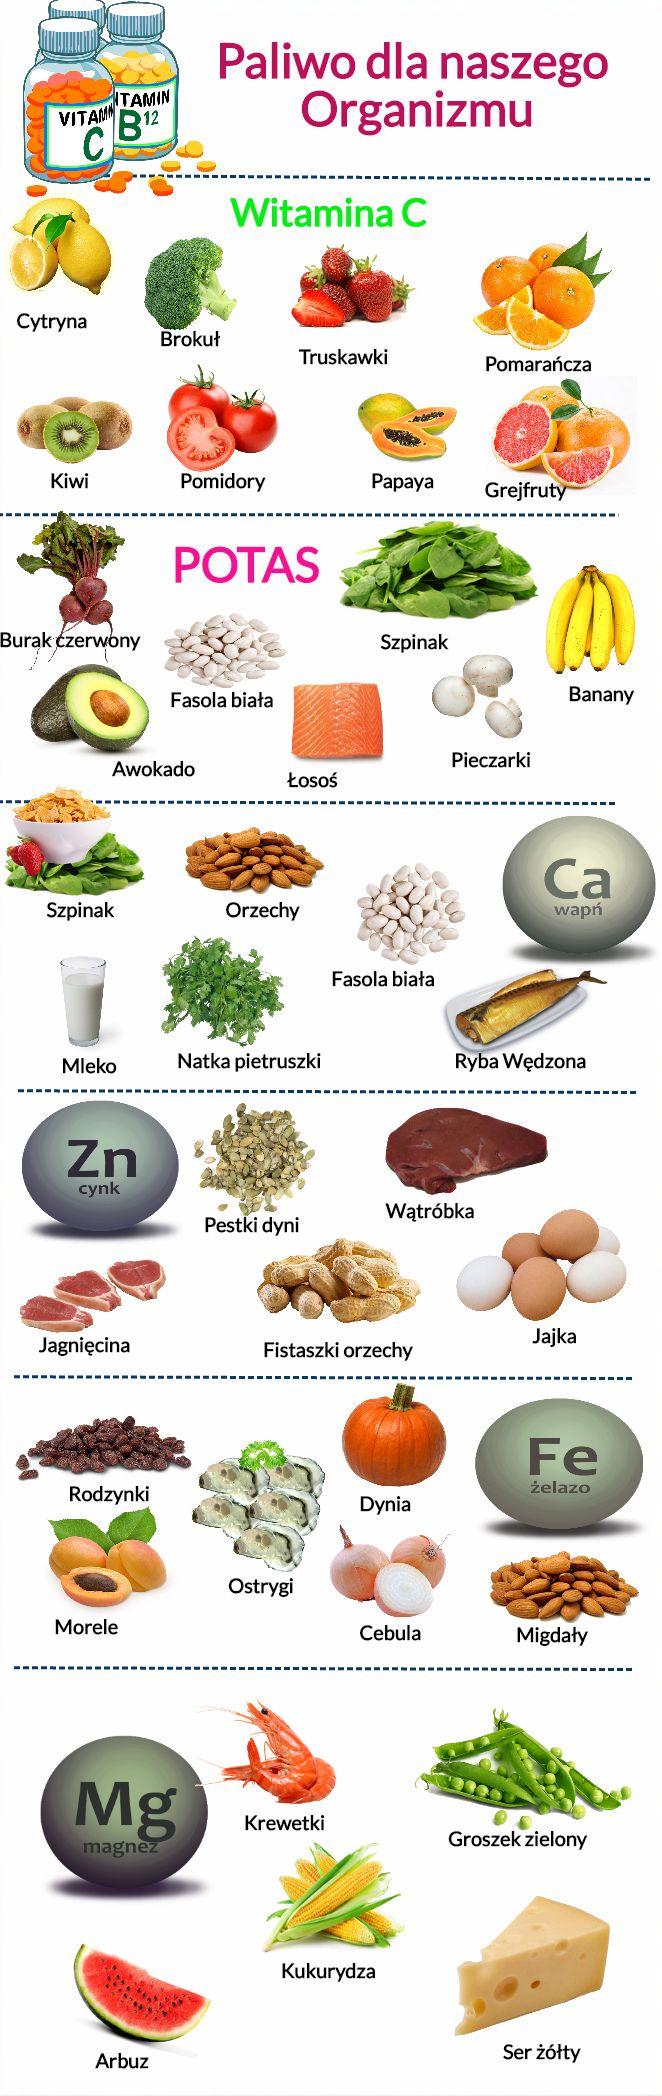 Wybrane witaminy - przykładowe produkty gdzie możecie je znaleźć, #witaminy #vitamins